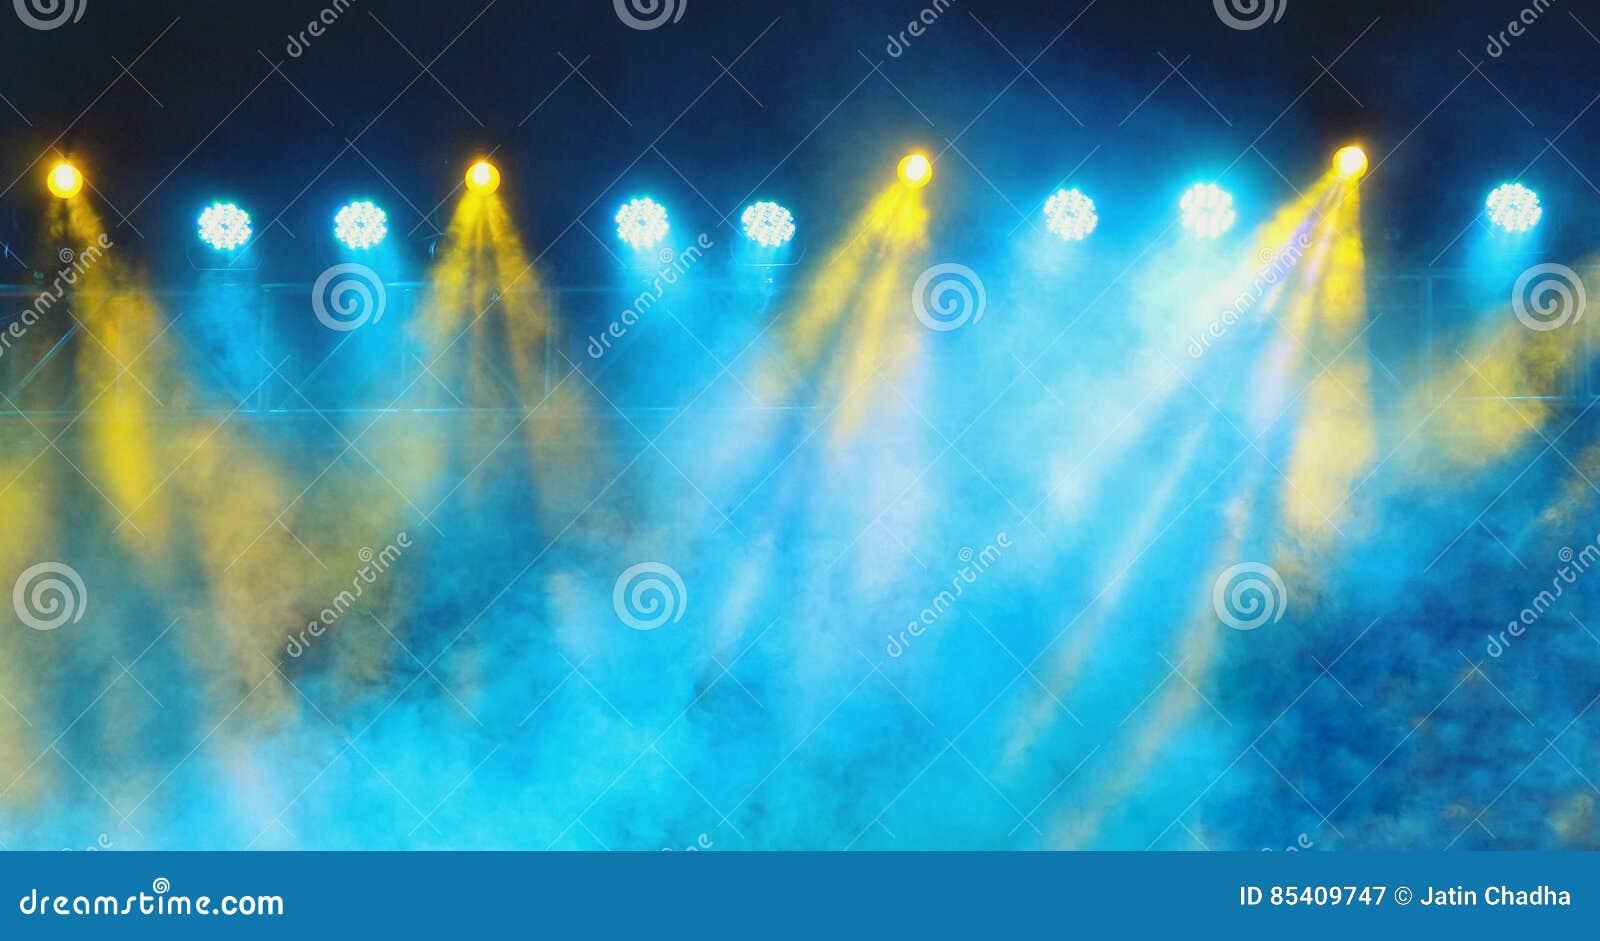 Blauwe & Gele overleglichten